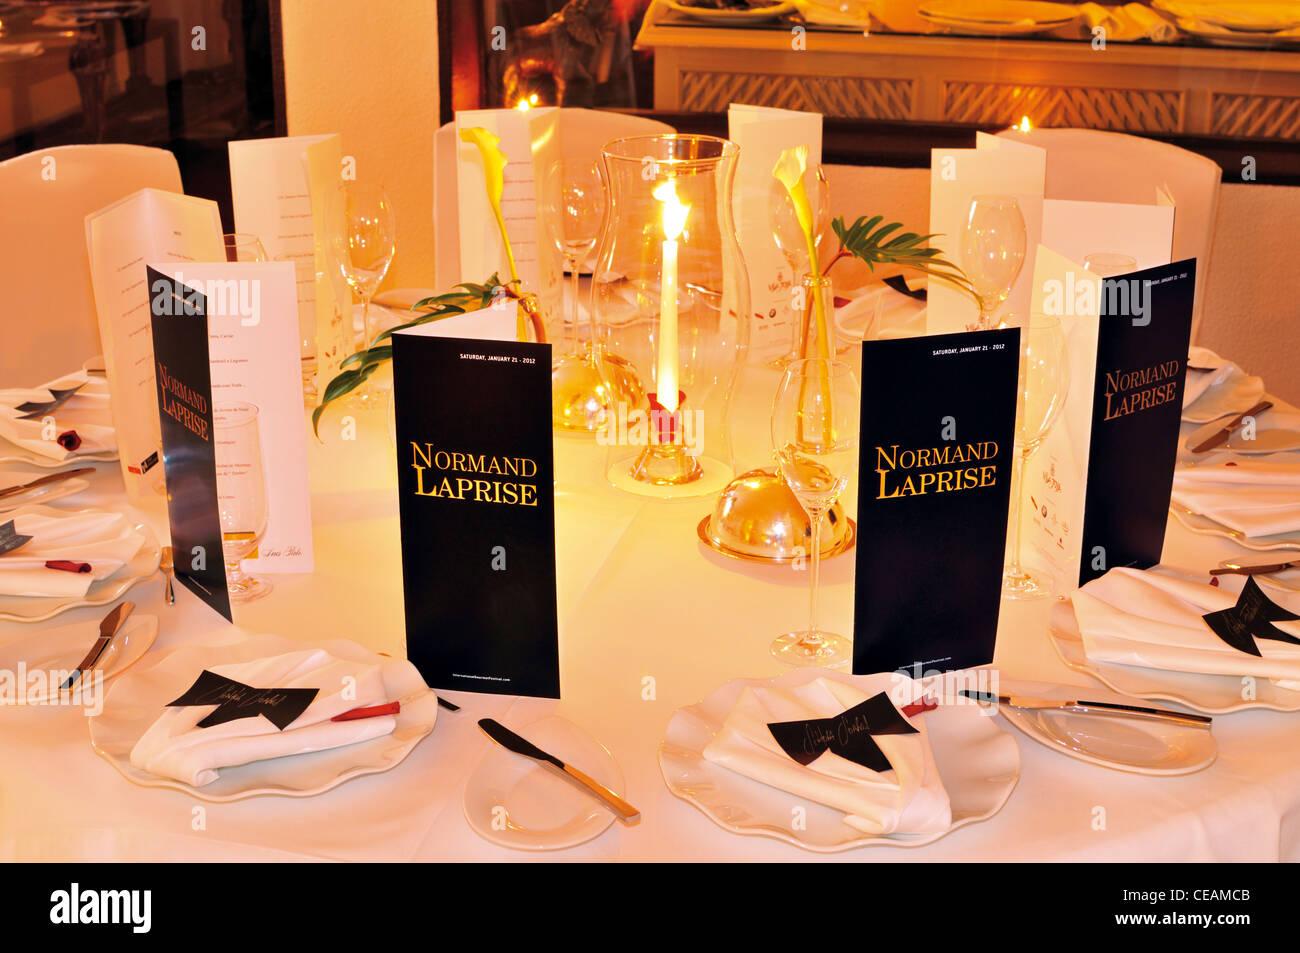 Portugal, Algarve: Cena arreglo con menú de 3-Star-Chef Normand Laprise en el Gourmet Festival 2012 en Vila Imagen De Stock